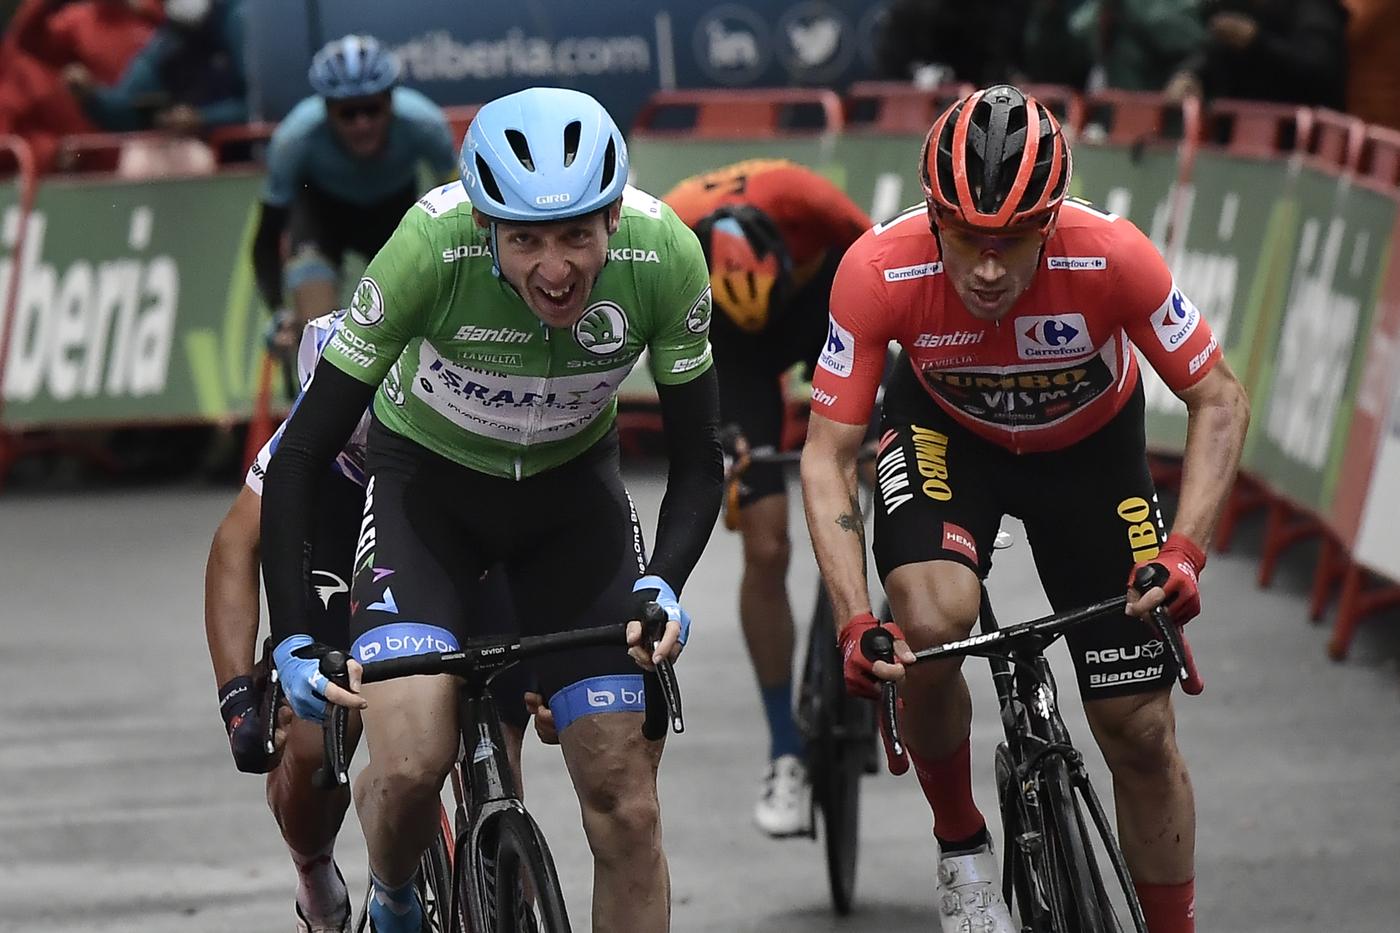 Vuelta a España 2020, le pagelle della sesta tappa: Carapaz brillante, Roglic opaco, Mas deludente